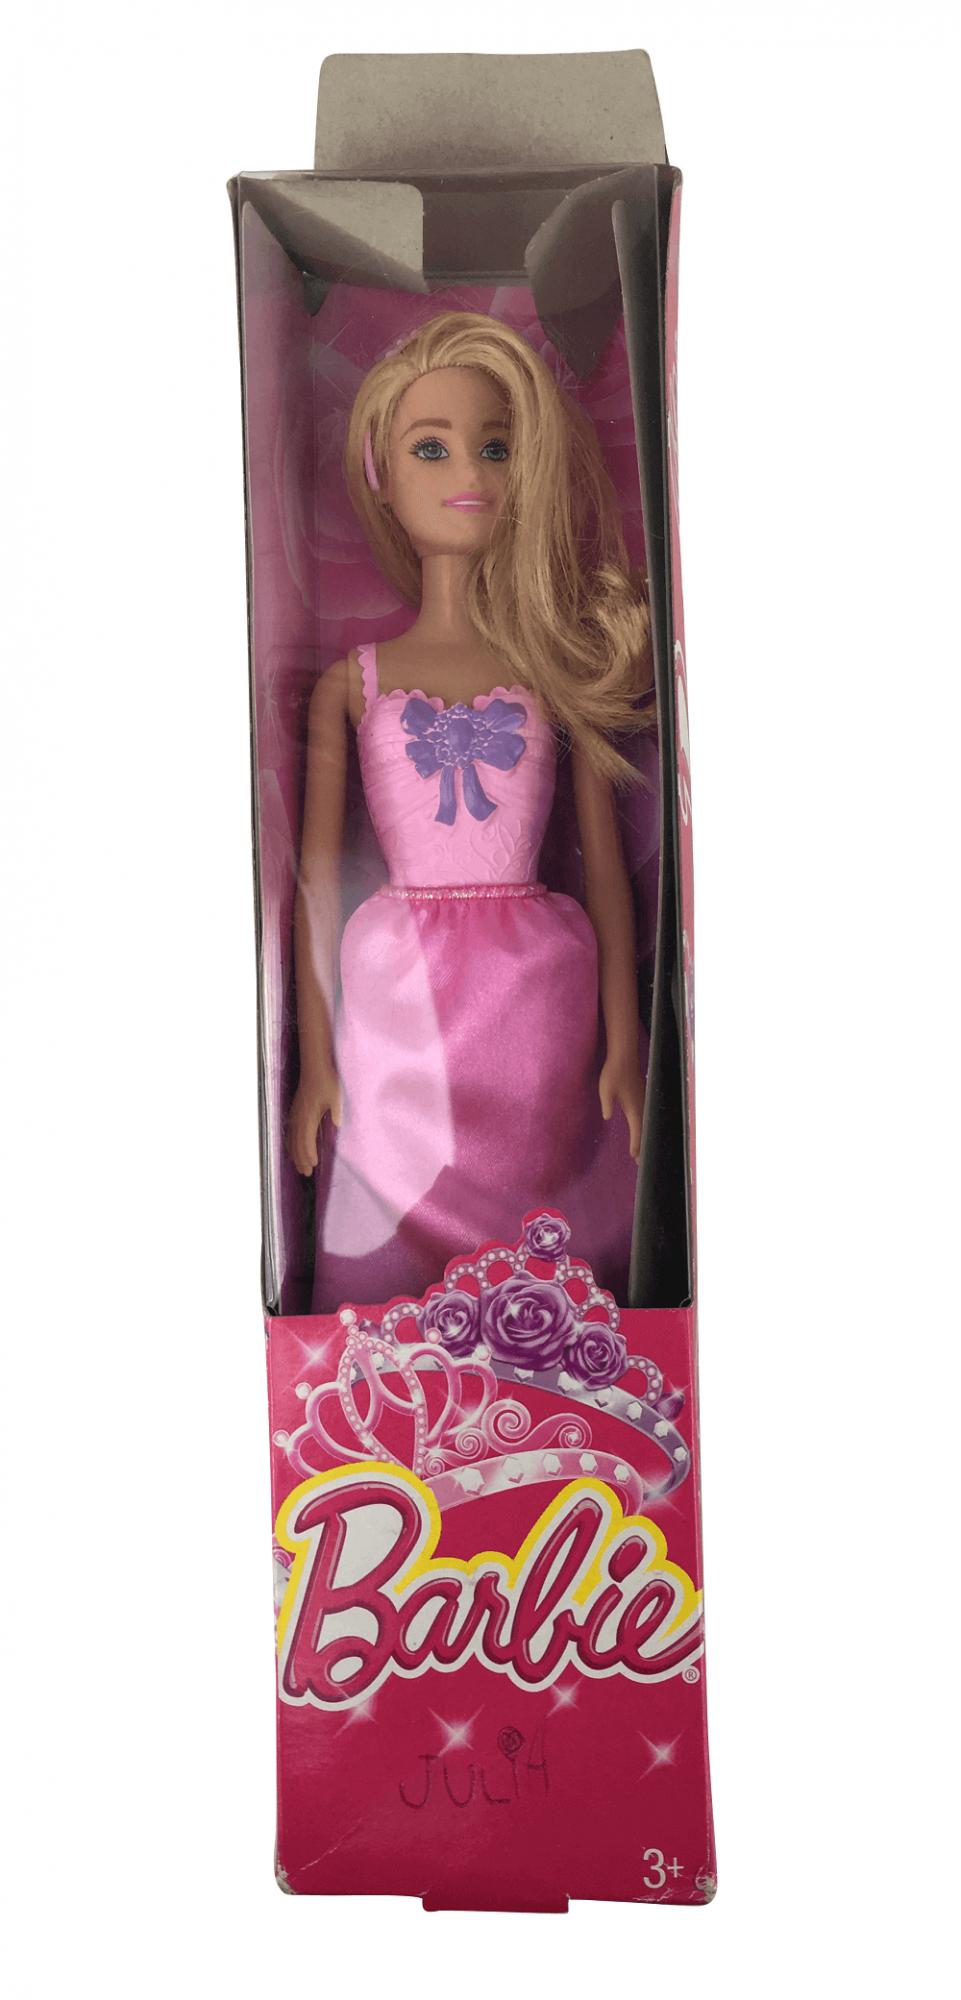 Barbie Boneca Princesa Na Caixa Usada